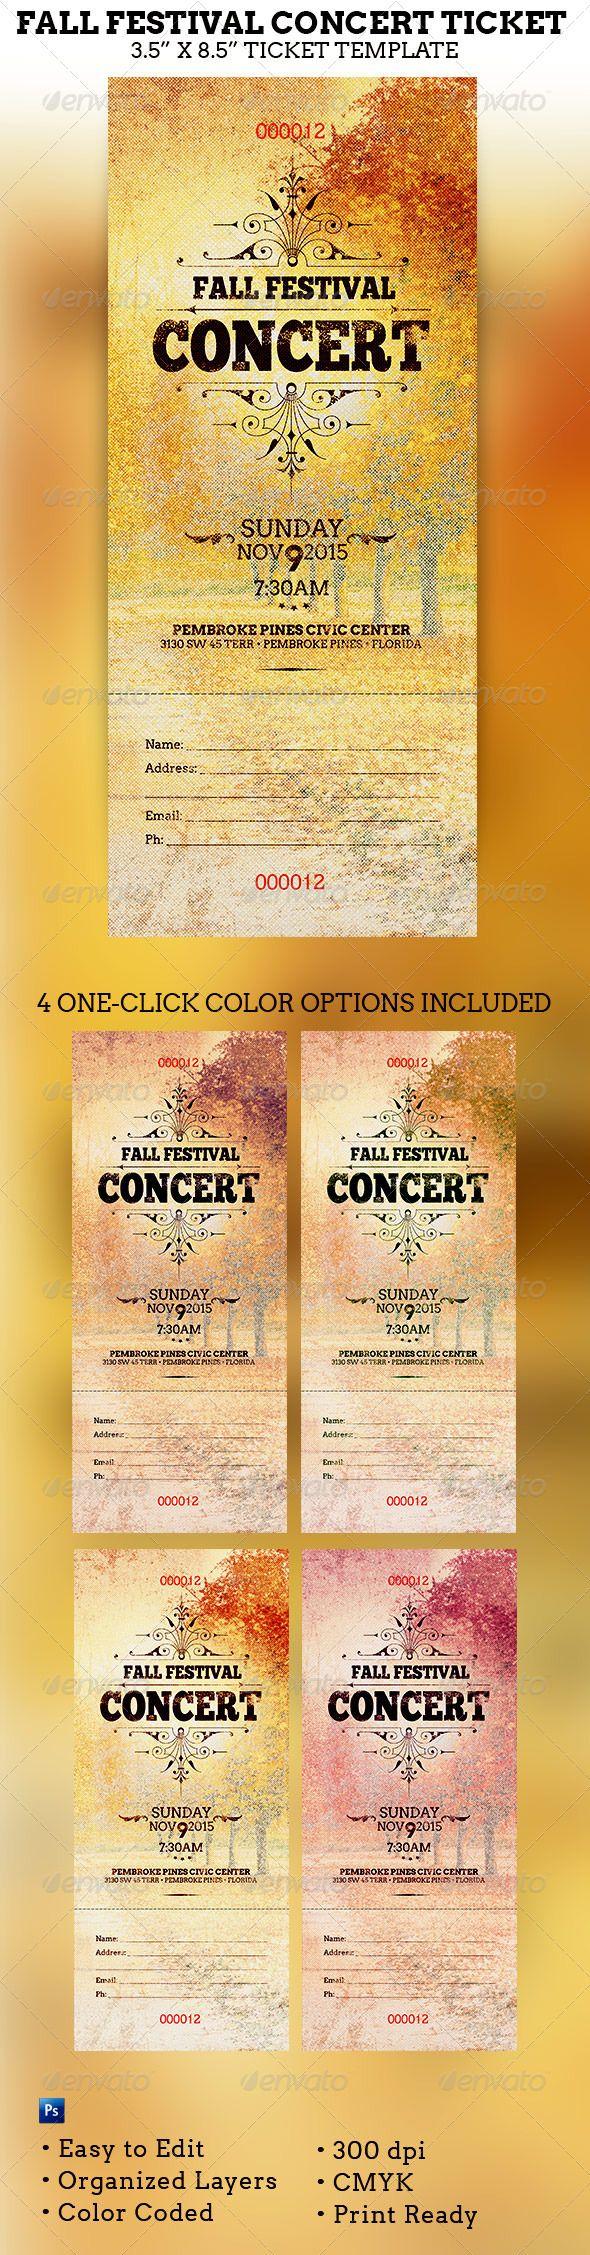 concert ticket design template | datariouruguay